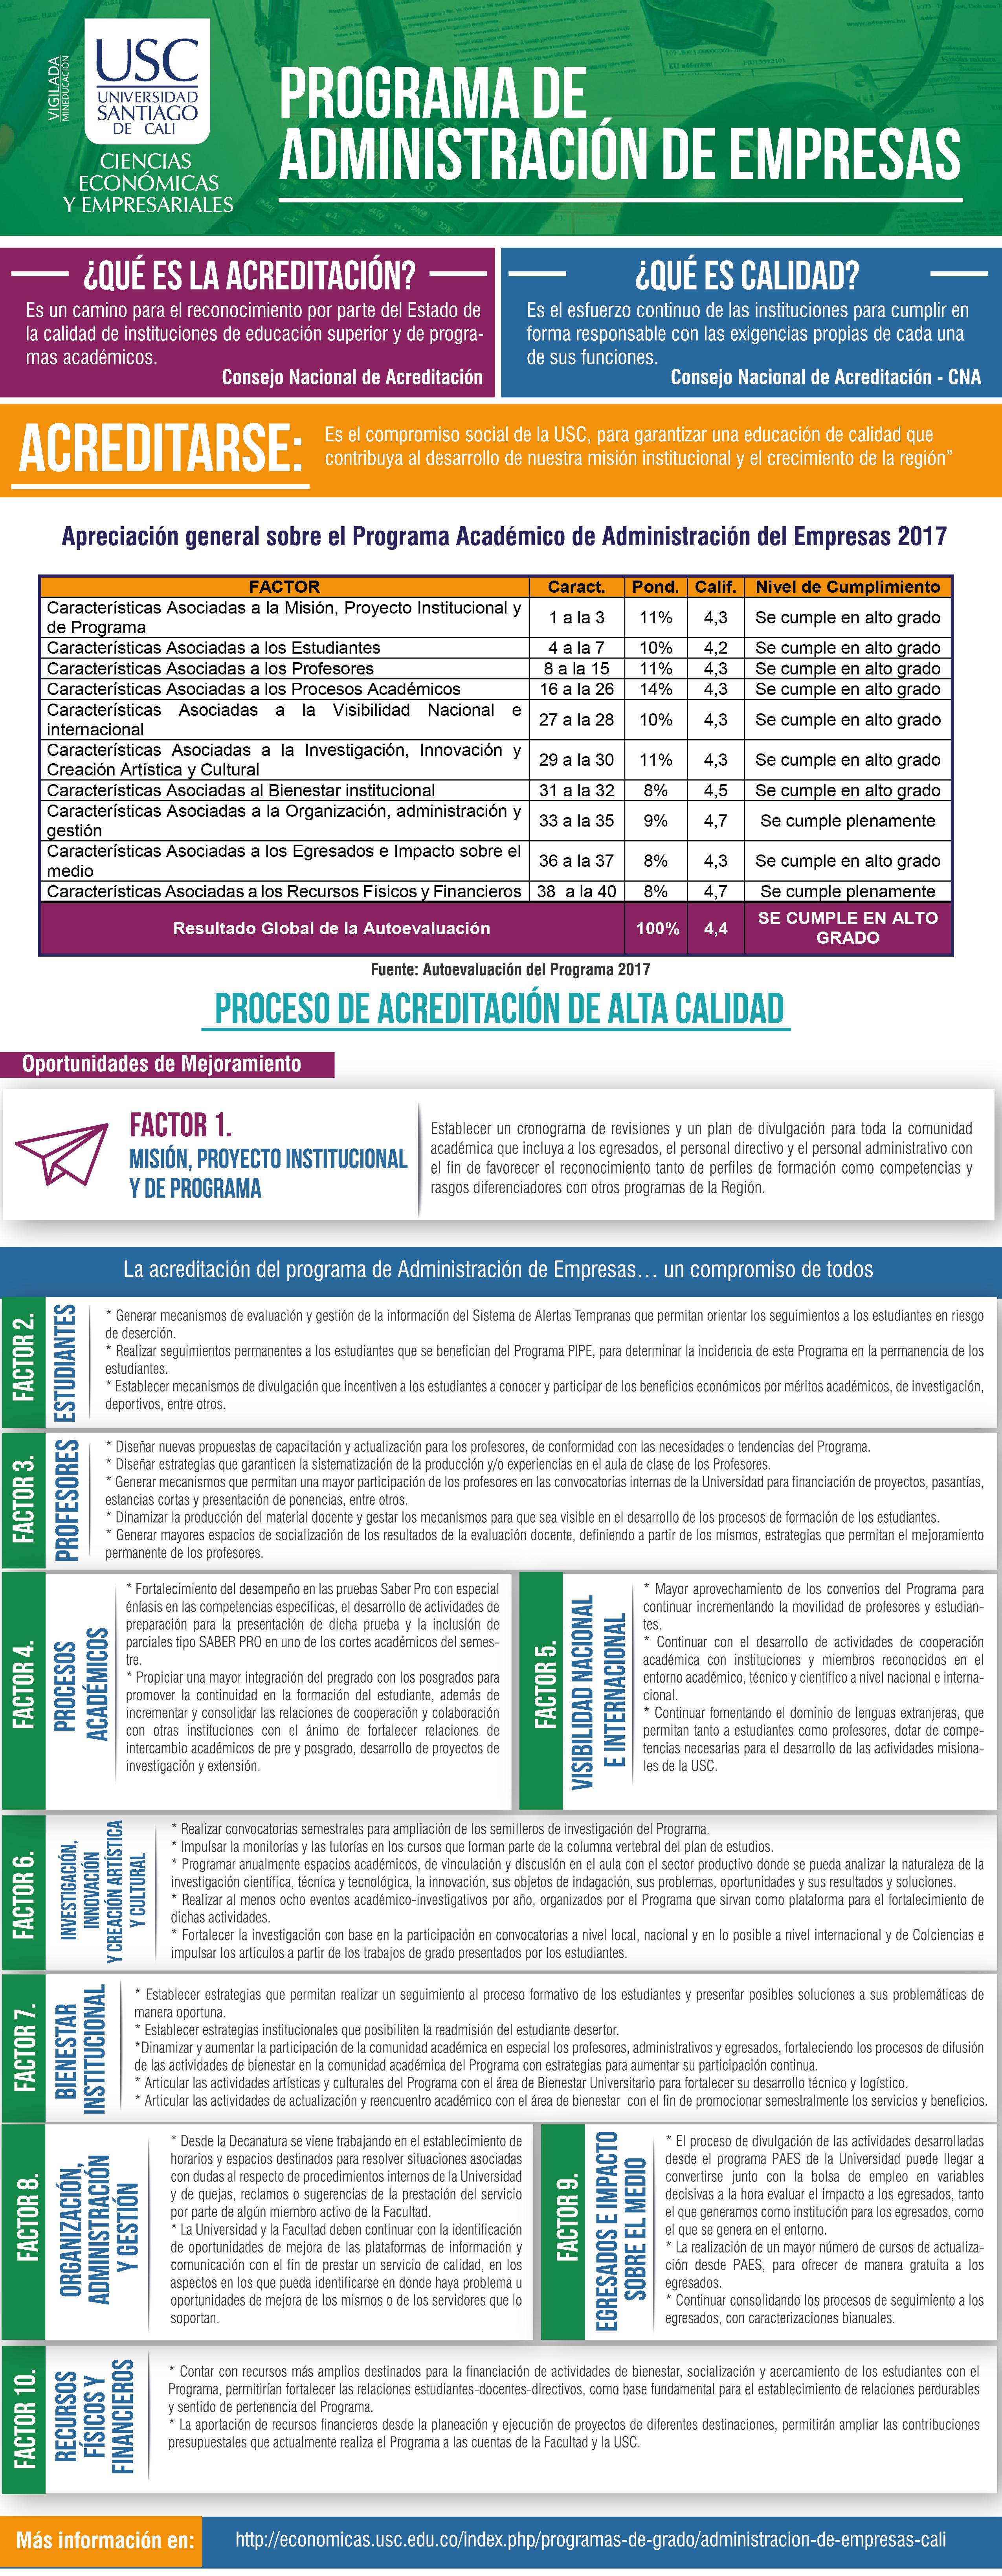 Administracion De Empresas FactoresUSC 01 01